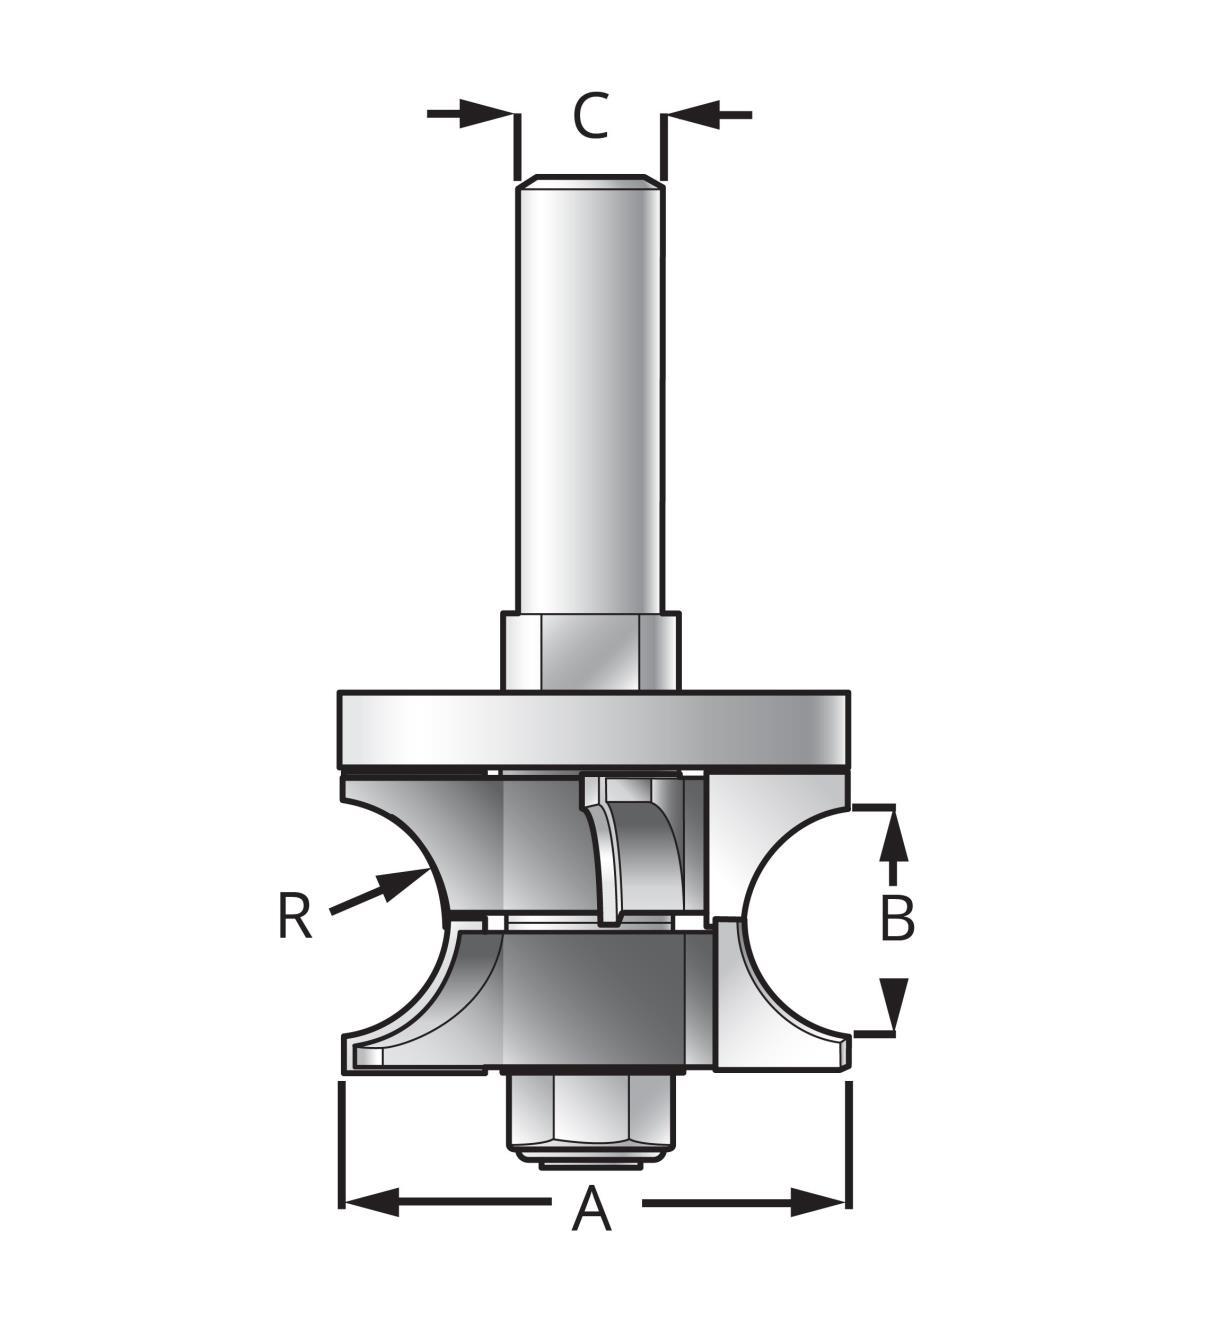 16J9403 - Mèche à bordure arrondie réglable pour contreplaqué